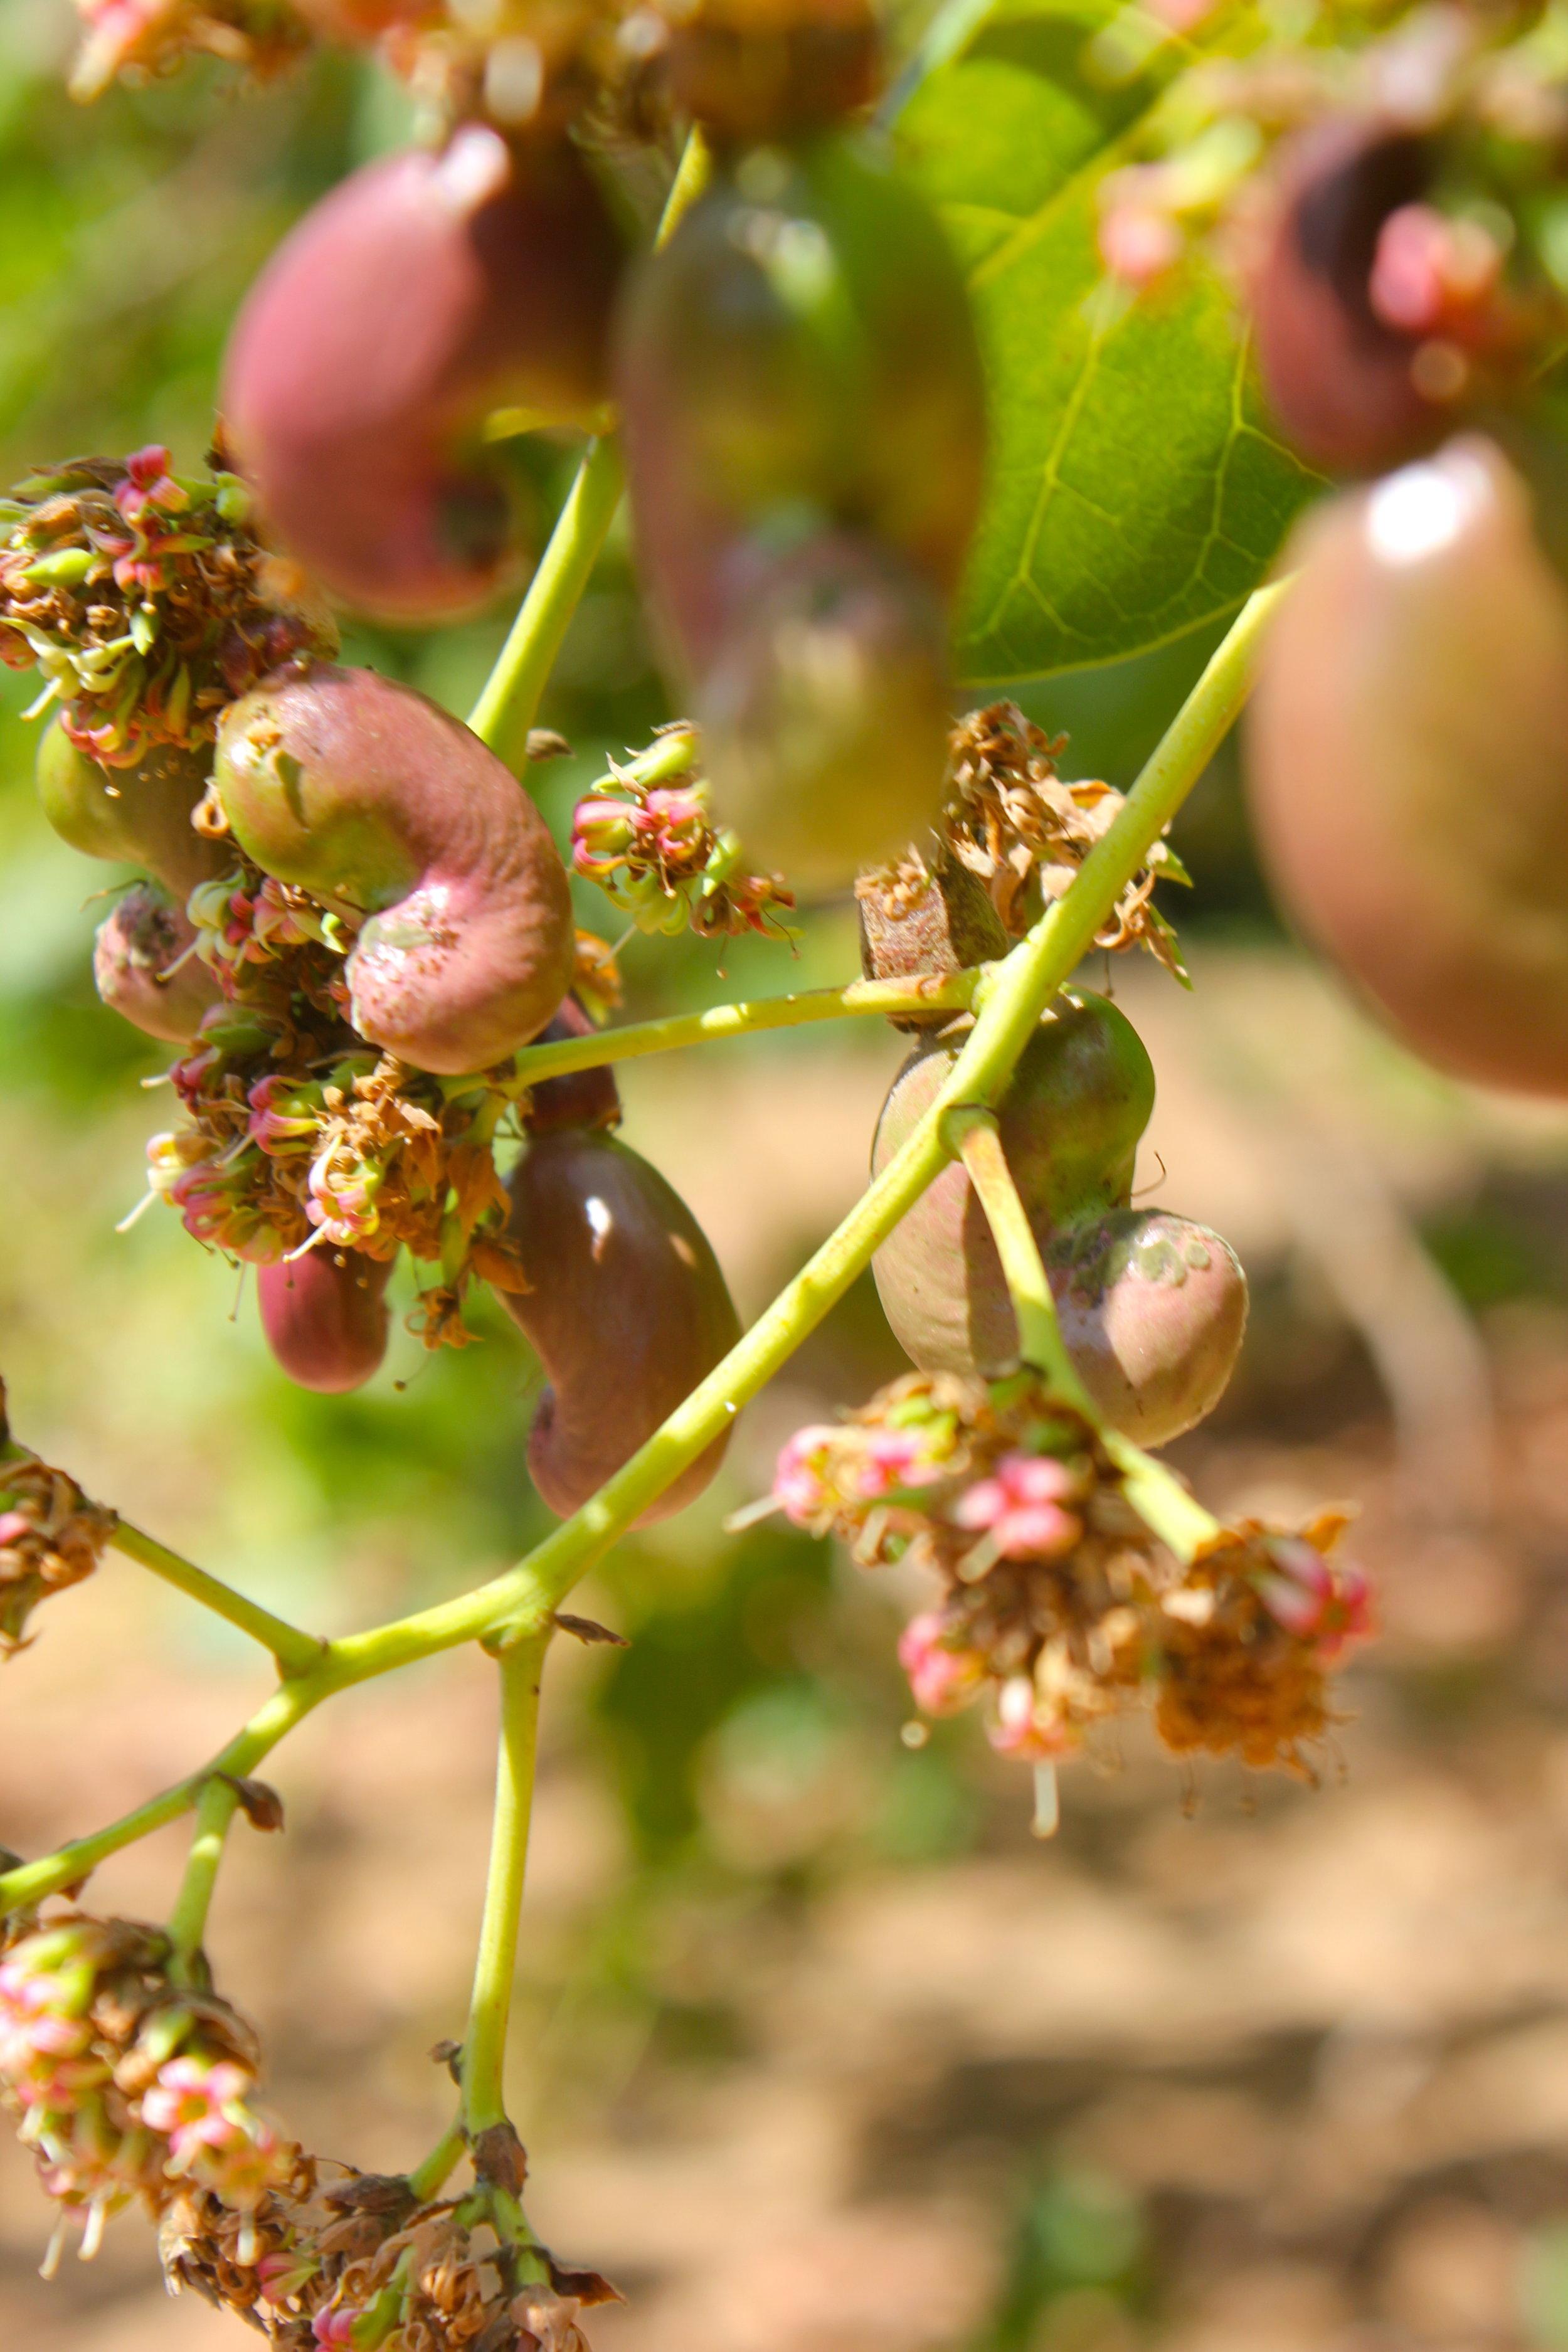 Nangade district, Cabo Delgado province  - Cashew nuts and apples emerge from the small pink flowers that grow at the tip of the branches |  As castanhas de caju emergem das pequenas flores cor de rosa que crescem na ponta dos ramos